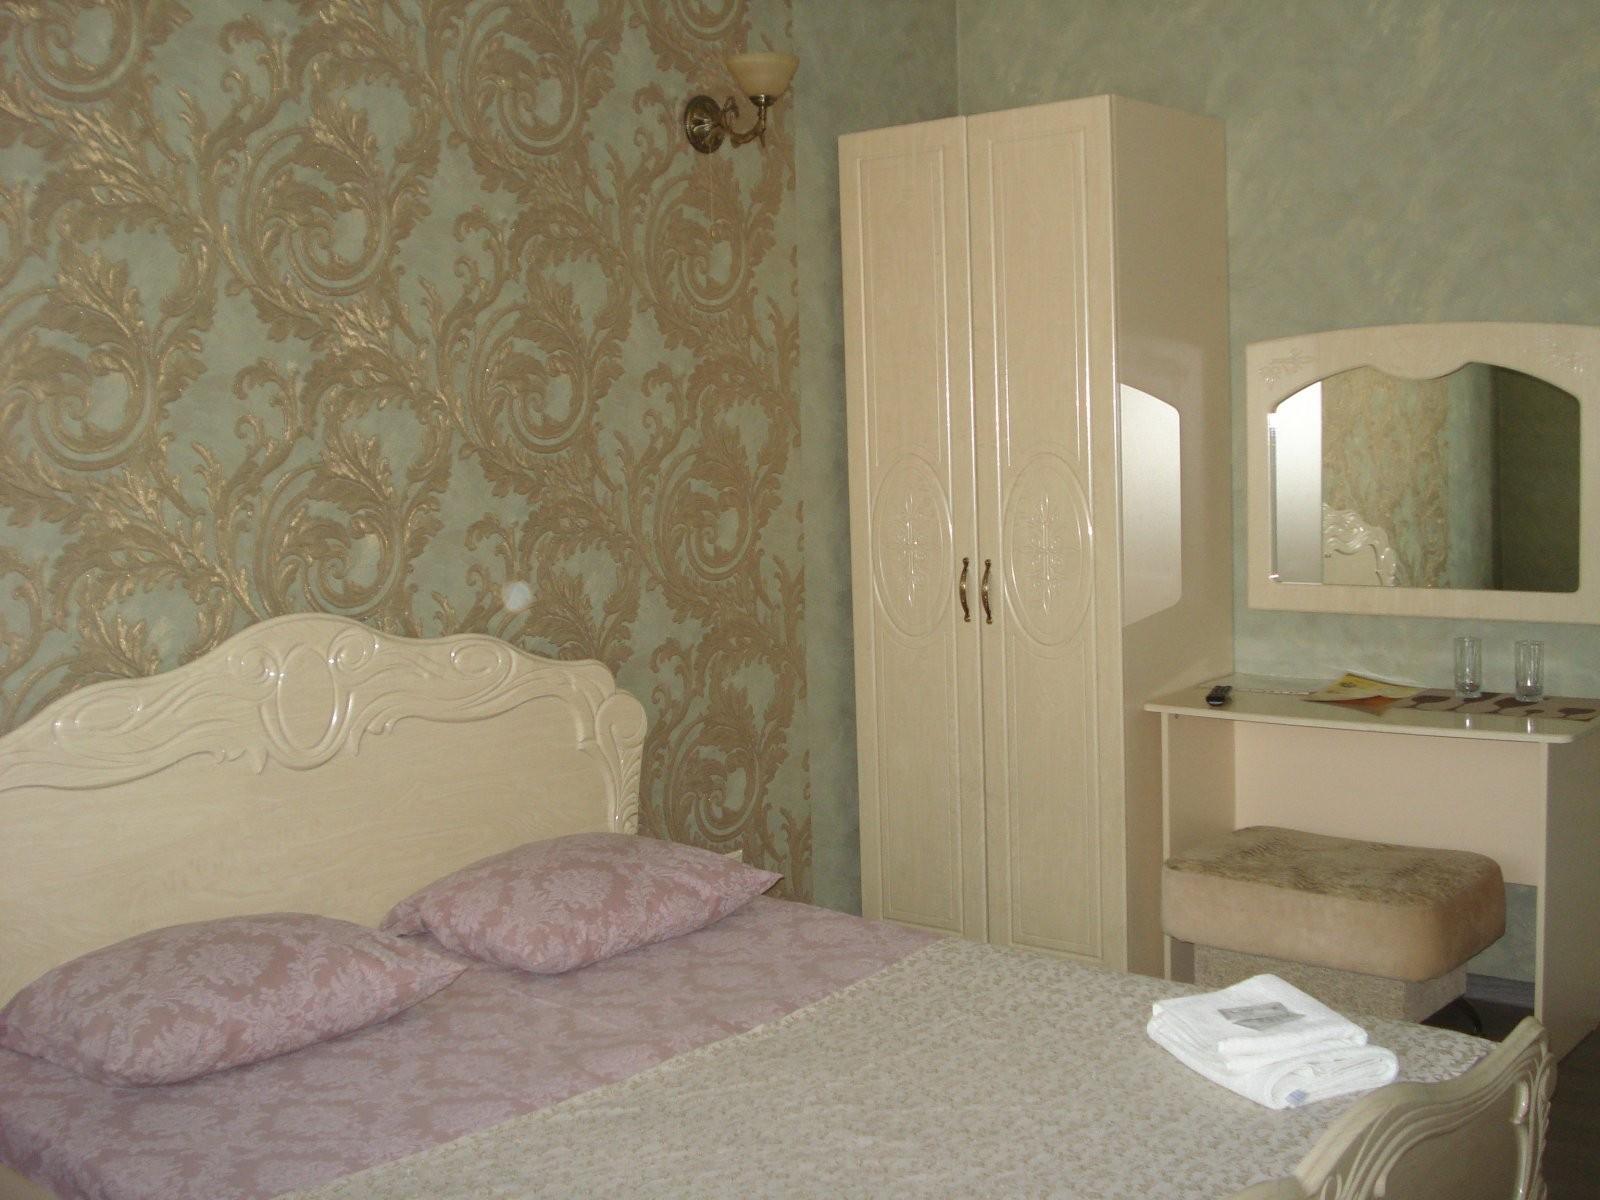 Фиона, мини-отель - №23